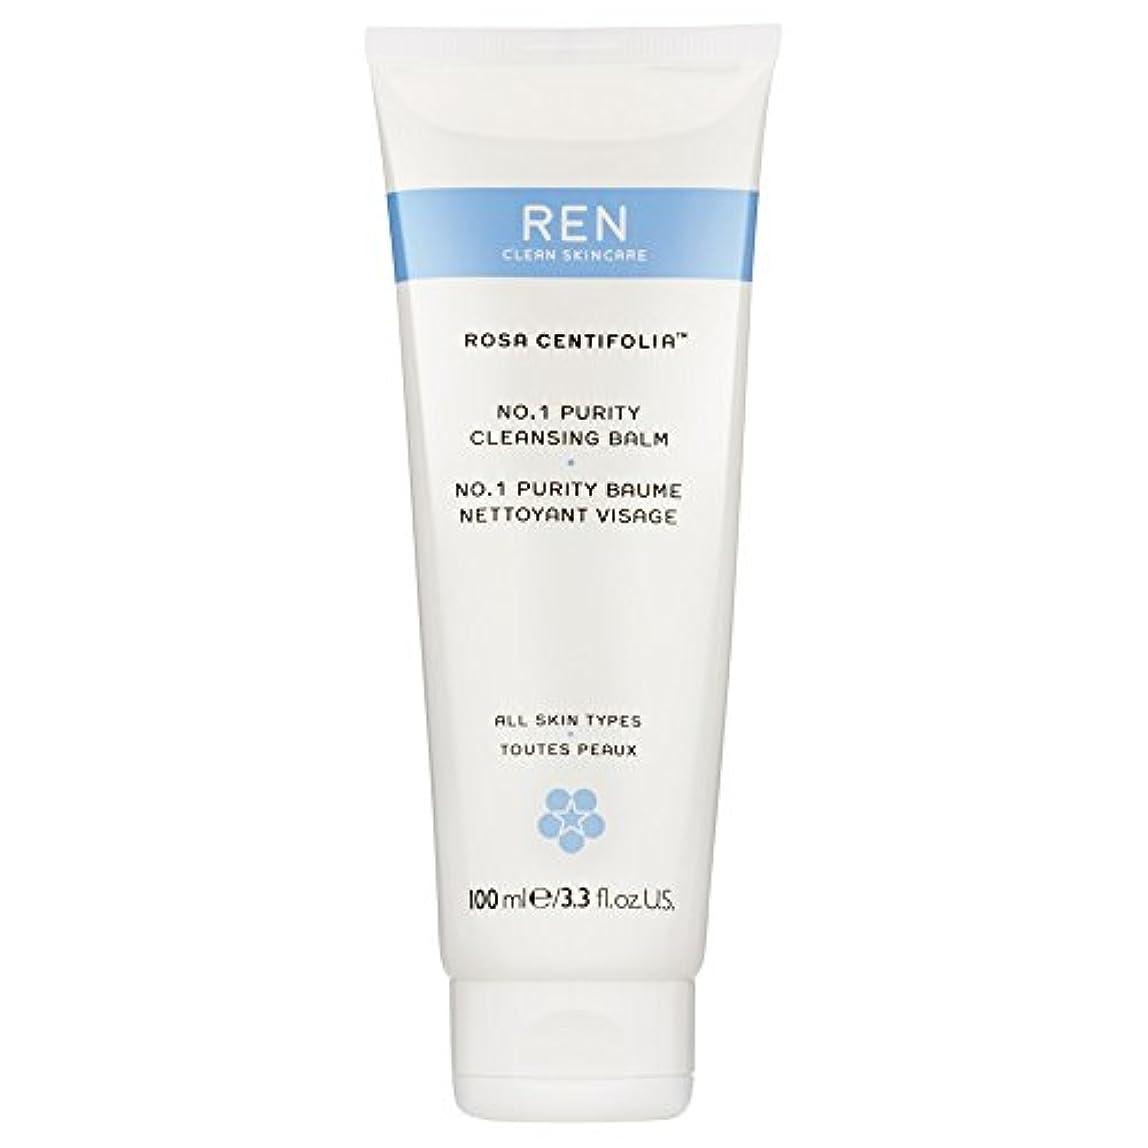 Renローザ純度クレンジングバーム100ミリリットル (REN) (x6) - REN Rosa Purity Cleansing Balm 100ml (Pack of 6) [並行輸入品]